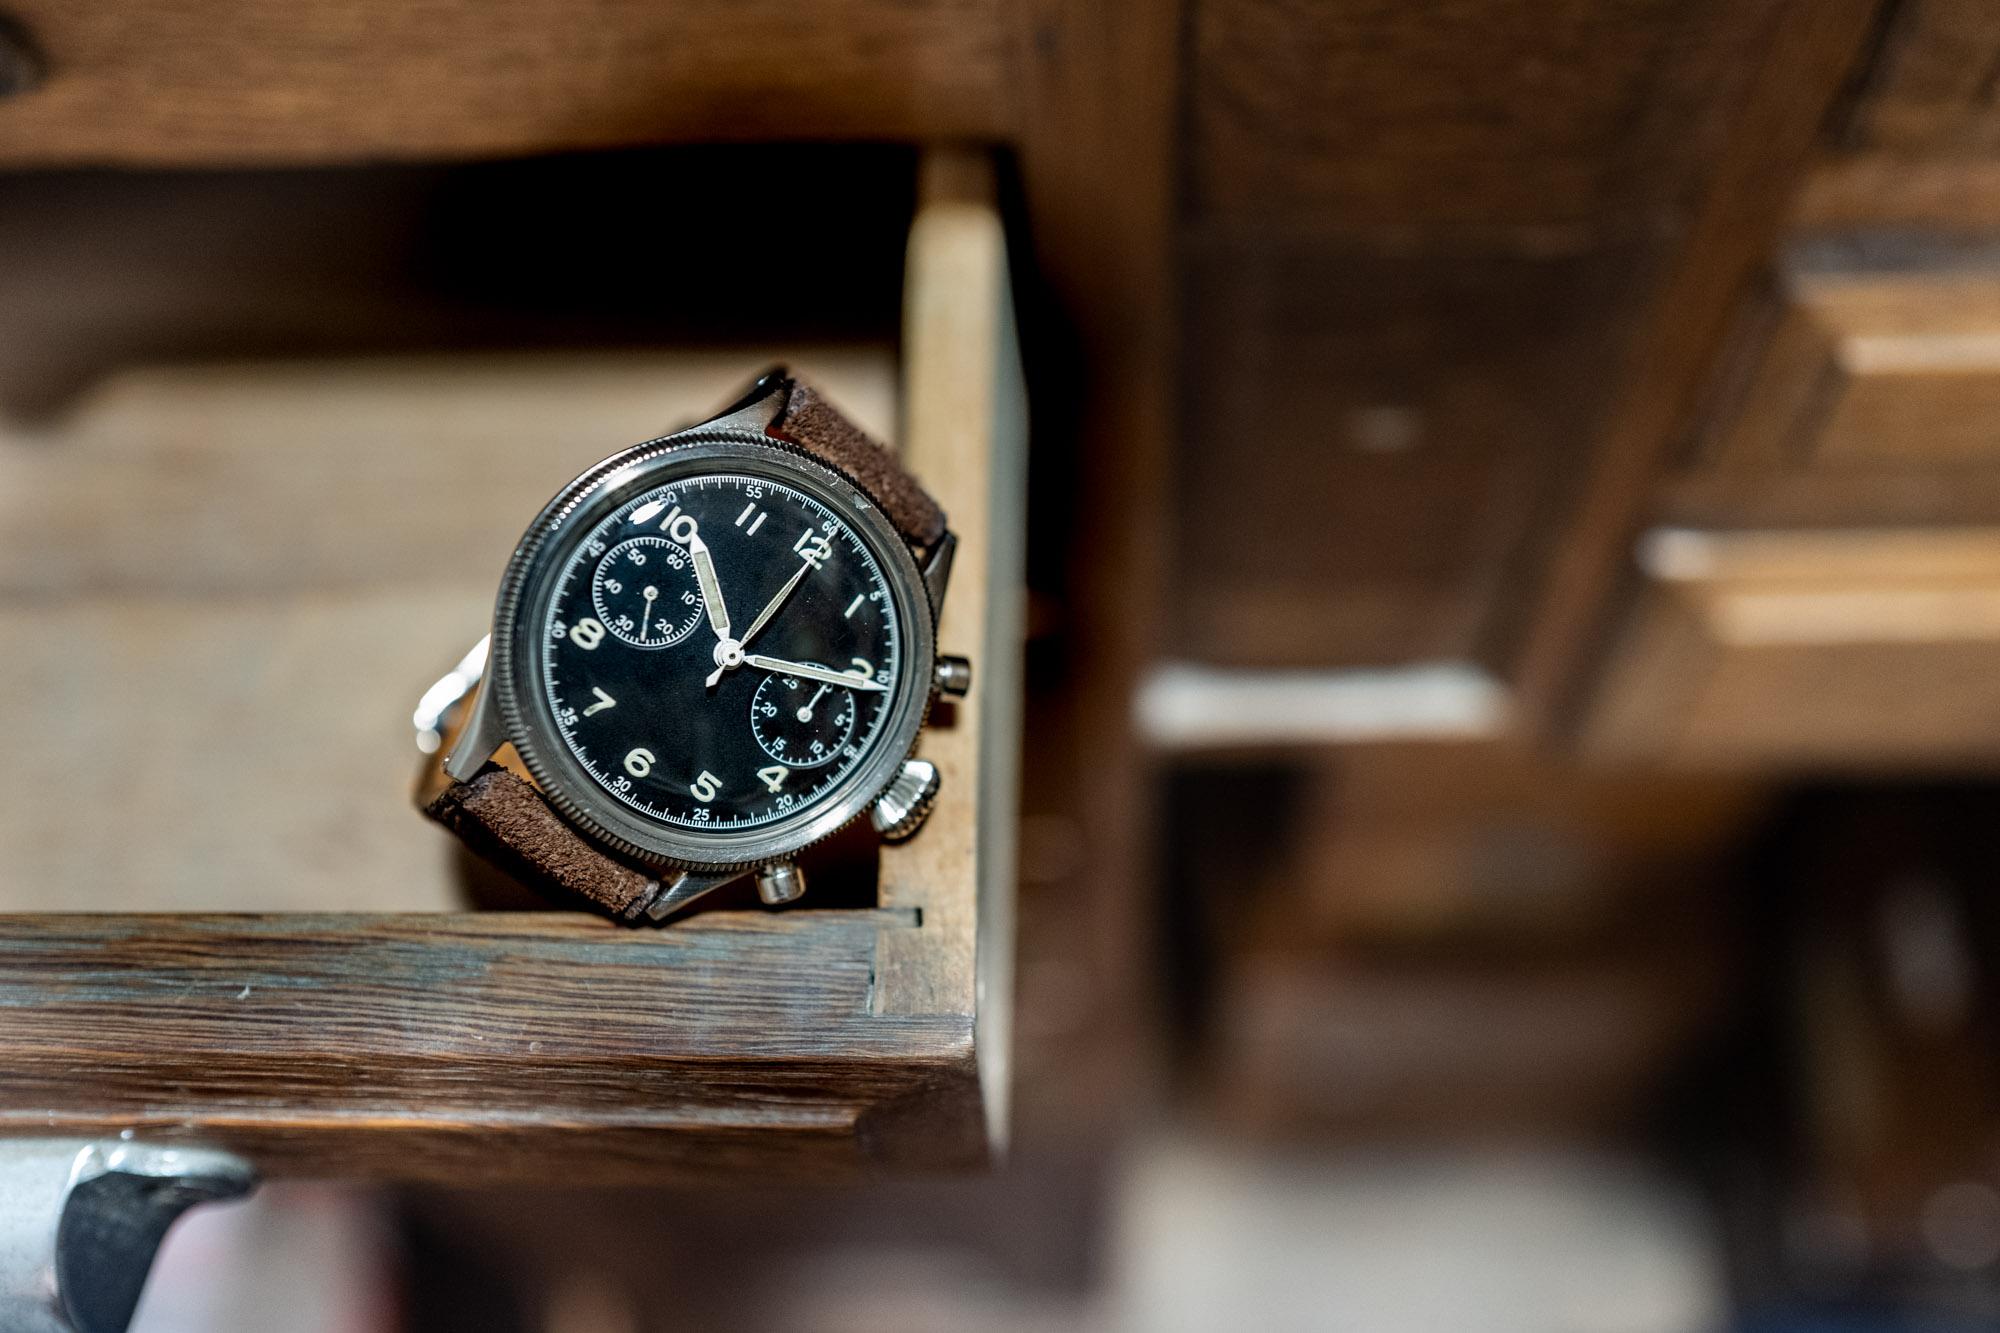 BREGUET. Chronographe Type XX militaire en acier – Vers 1954